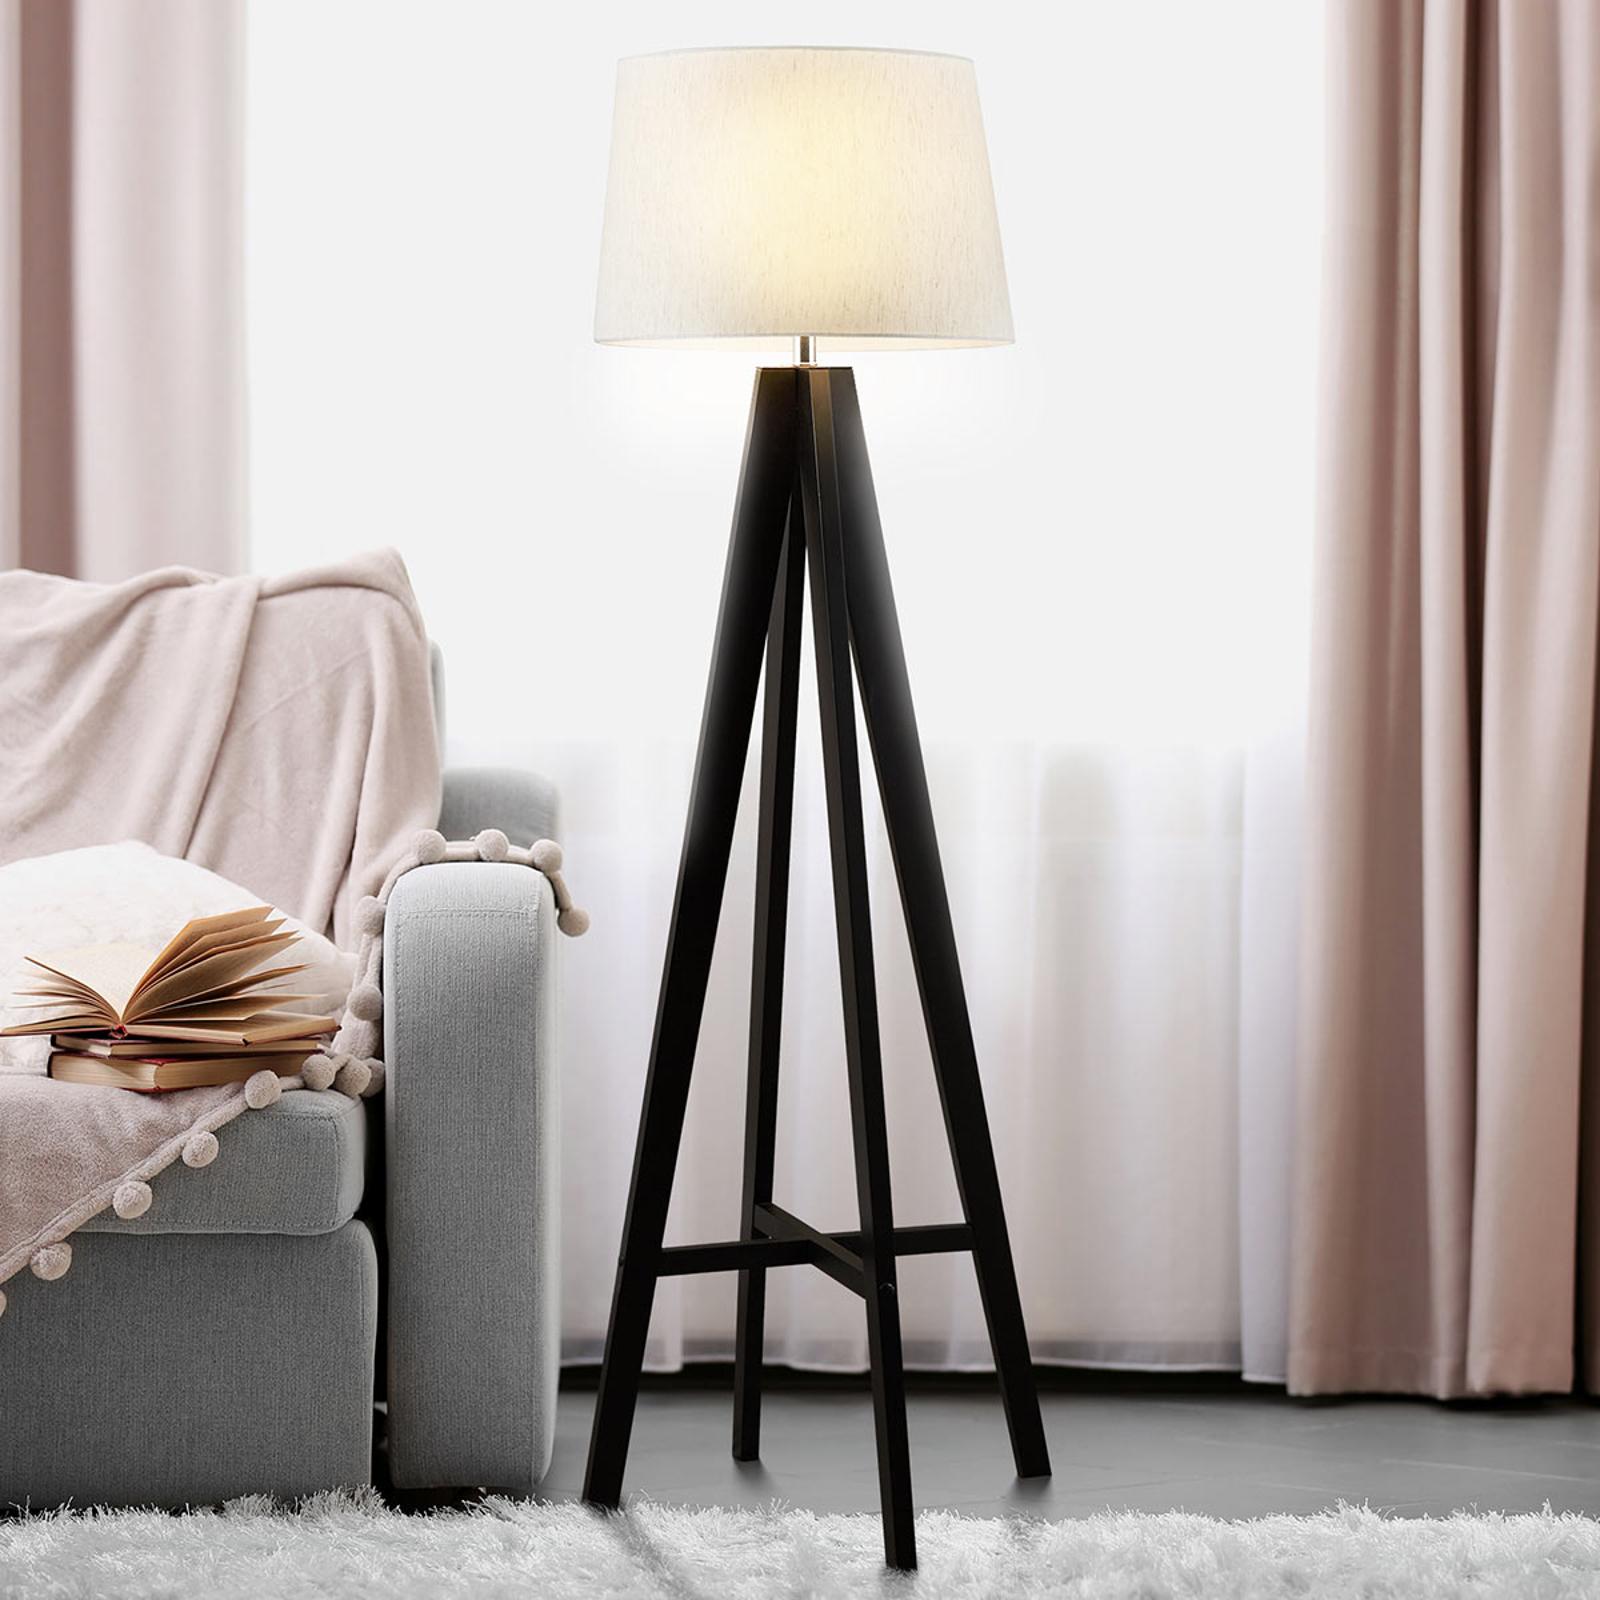 Lampa stojąca MAURA z drewnianą podstawą